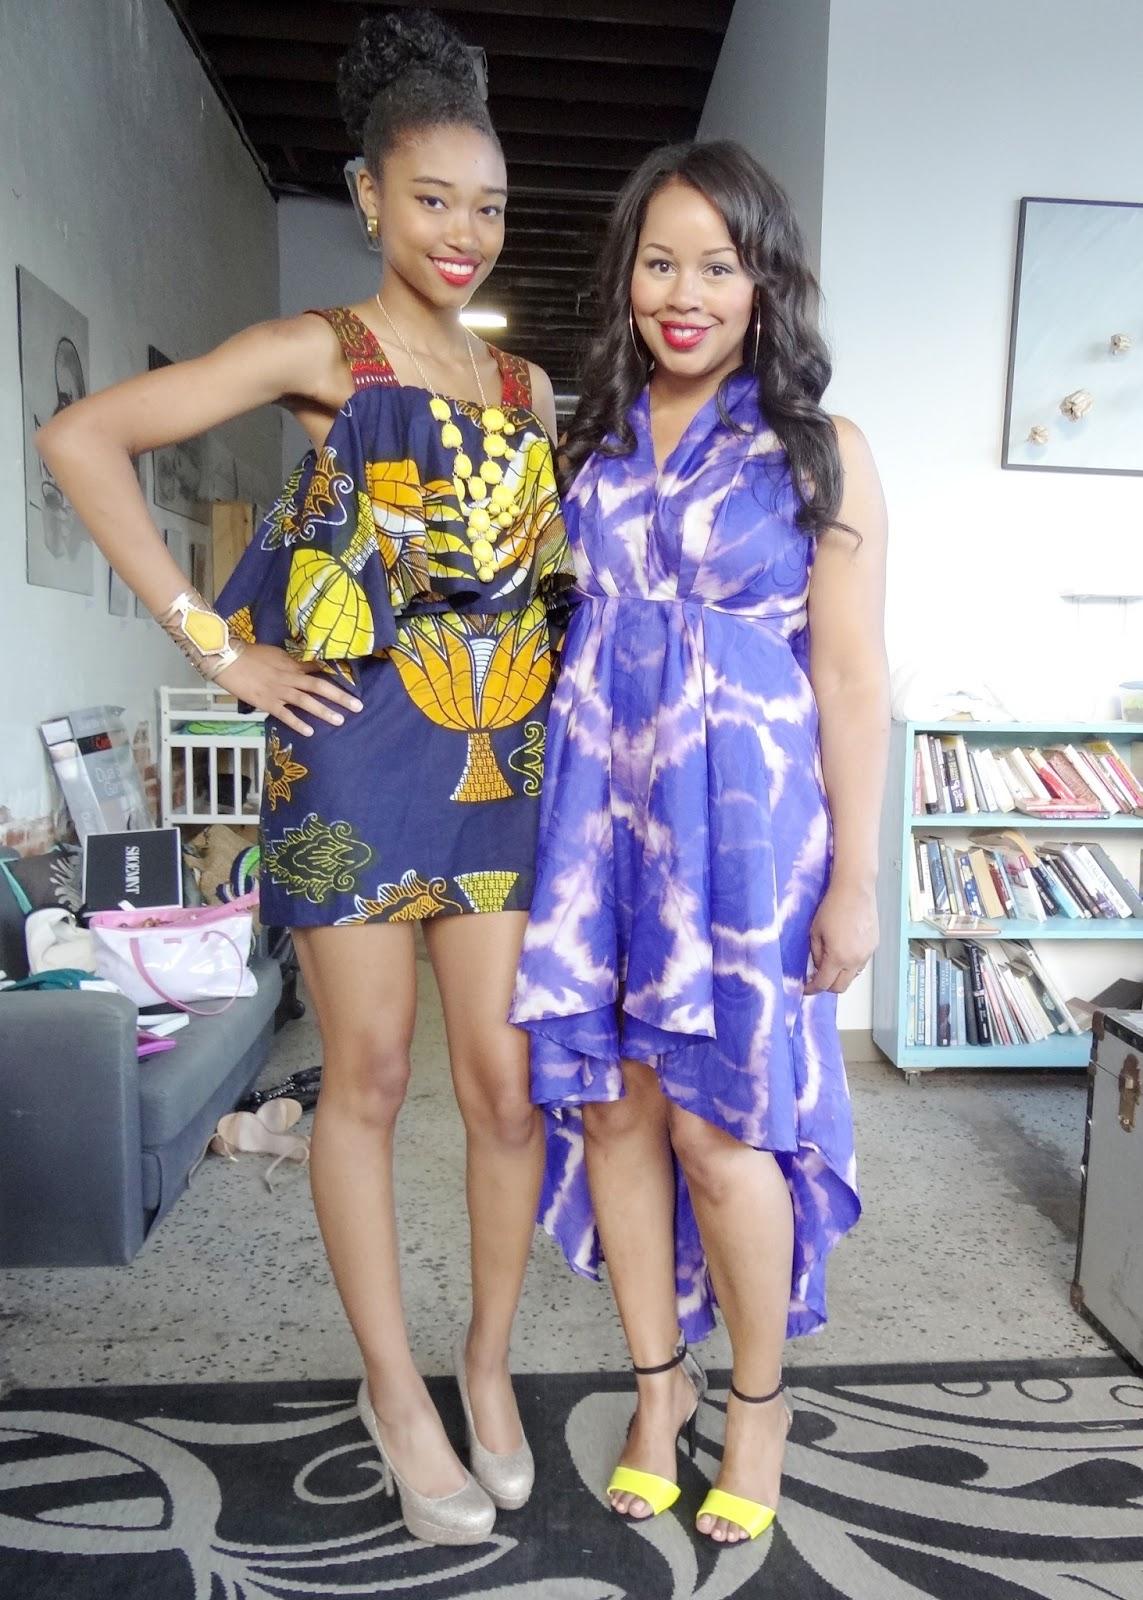 betty ethnic wear